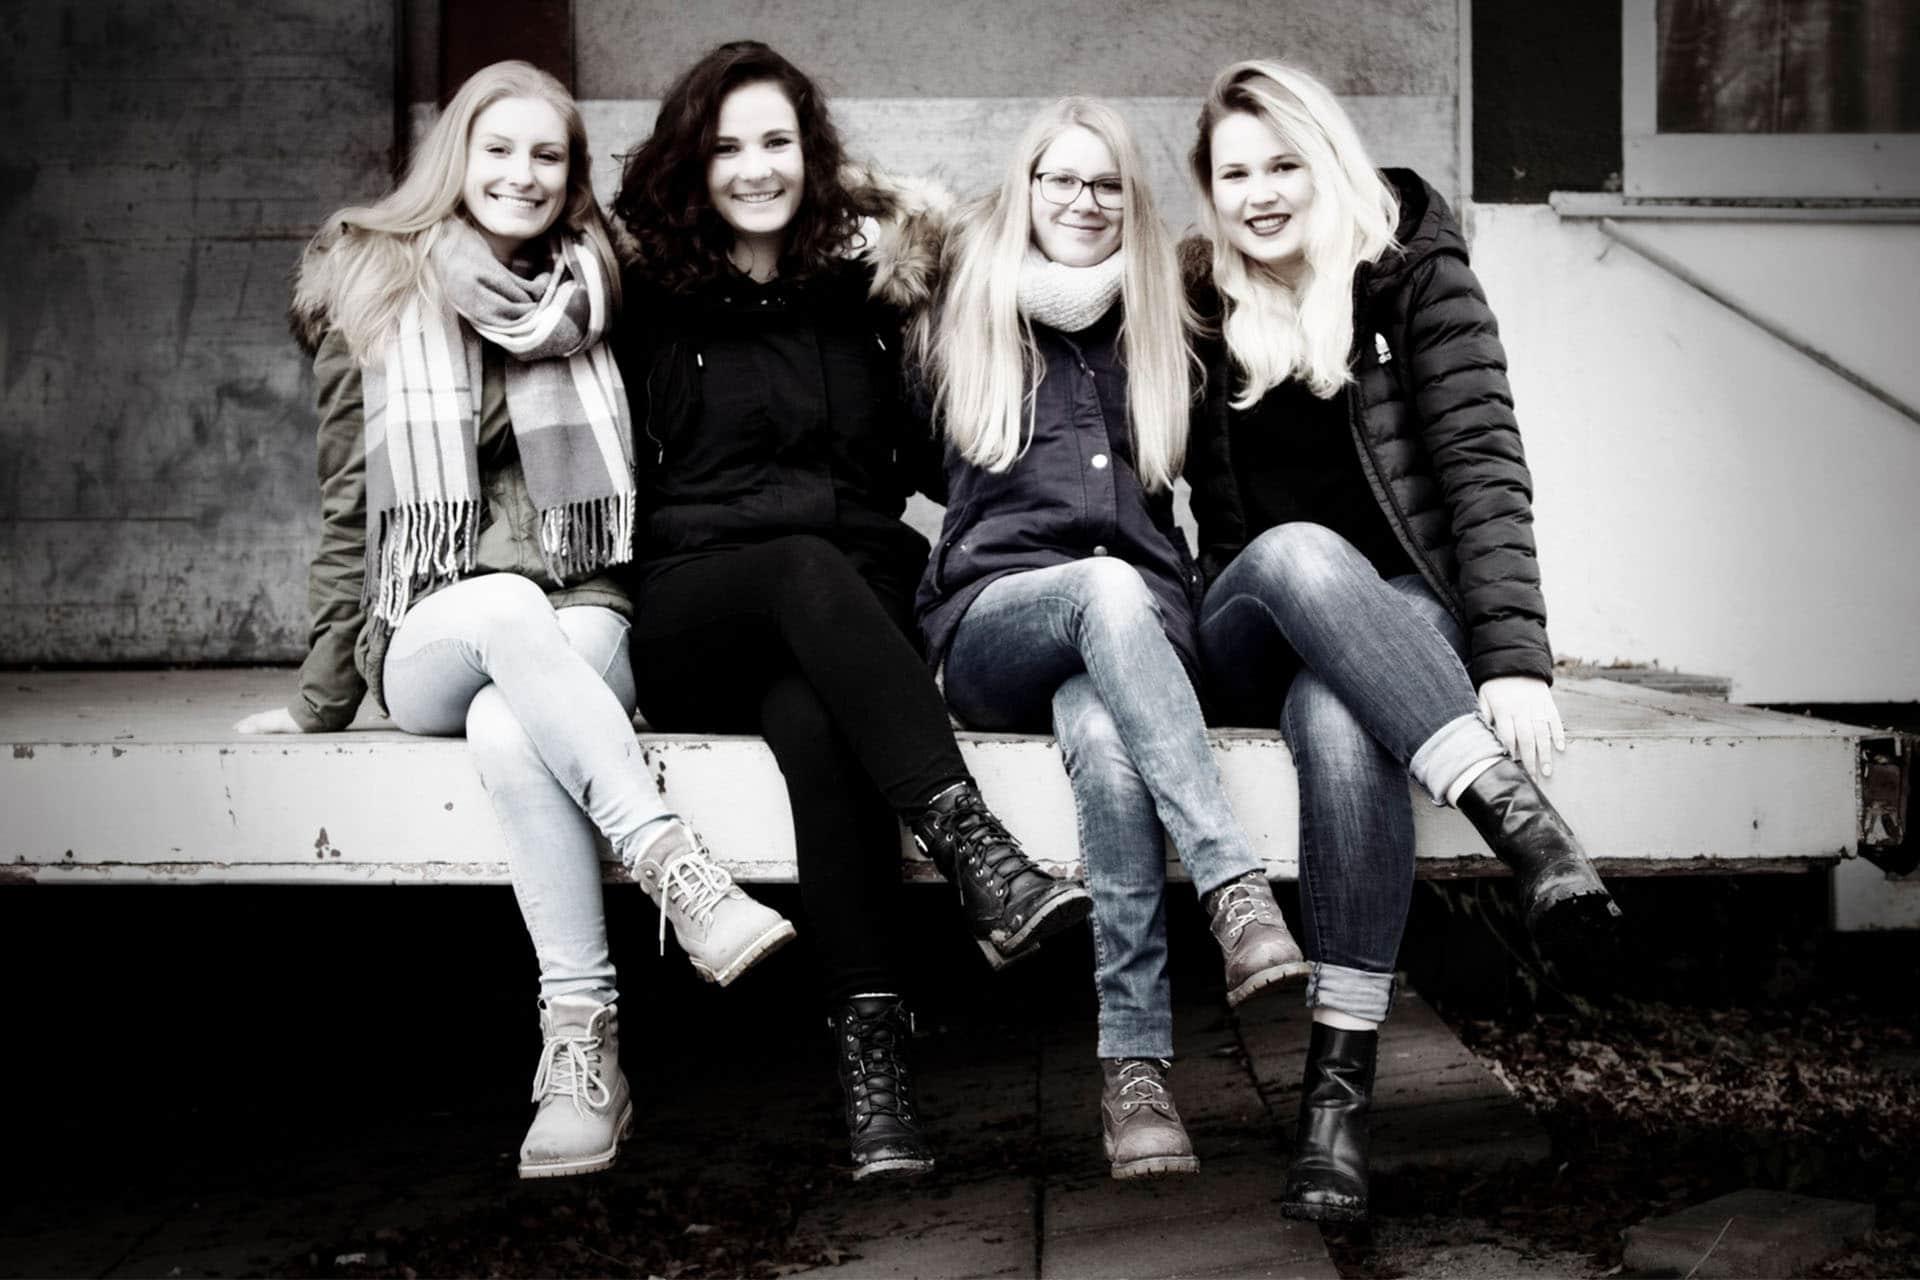 Freundschaftsfotos - Freunde-Fotoshooting - Freundinnenshooting Murnau - Foto Stoess